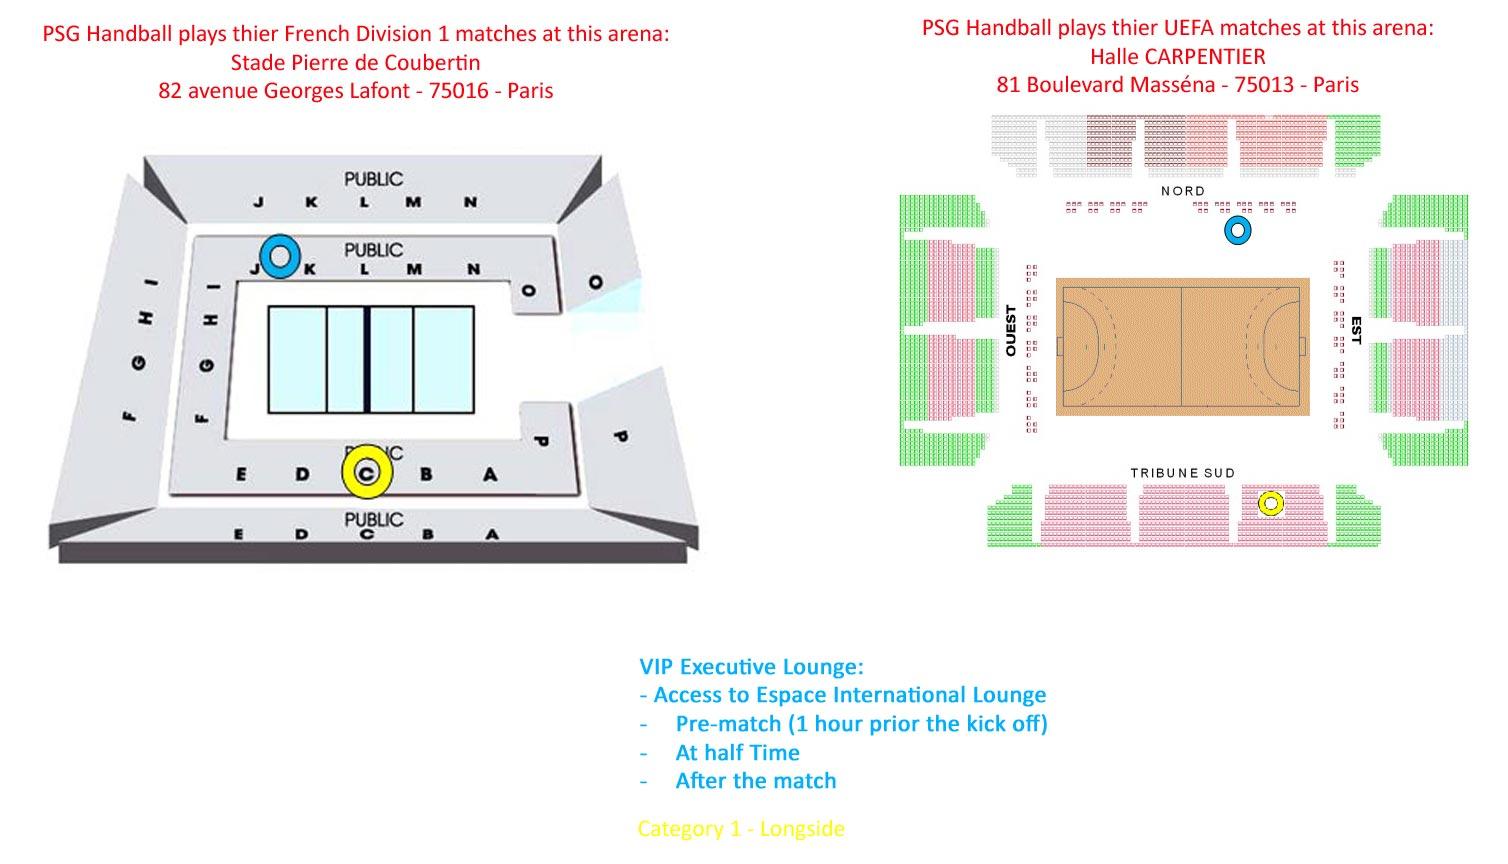 Seatingplan Pierre de Coubertin / Halle Carpentier